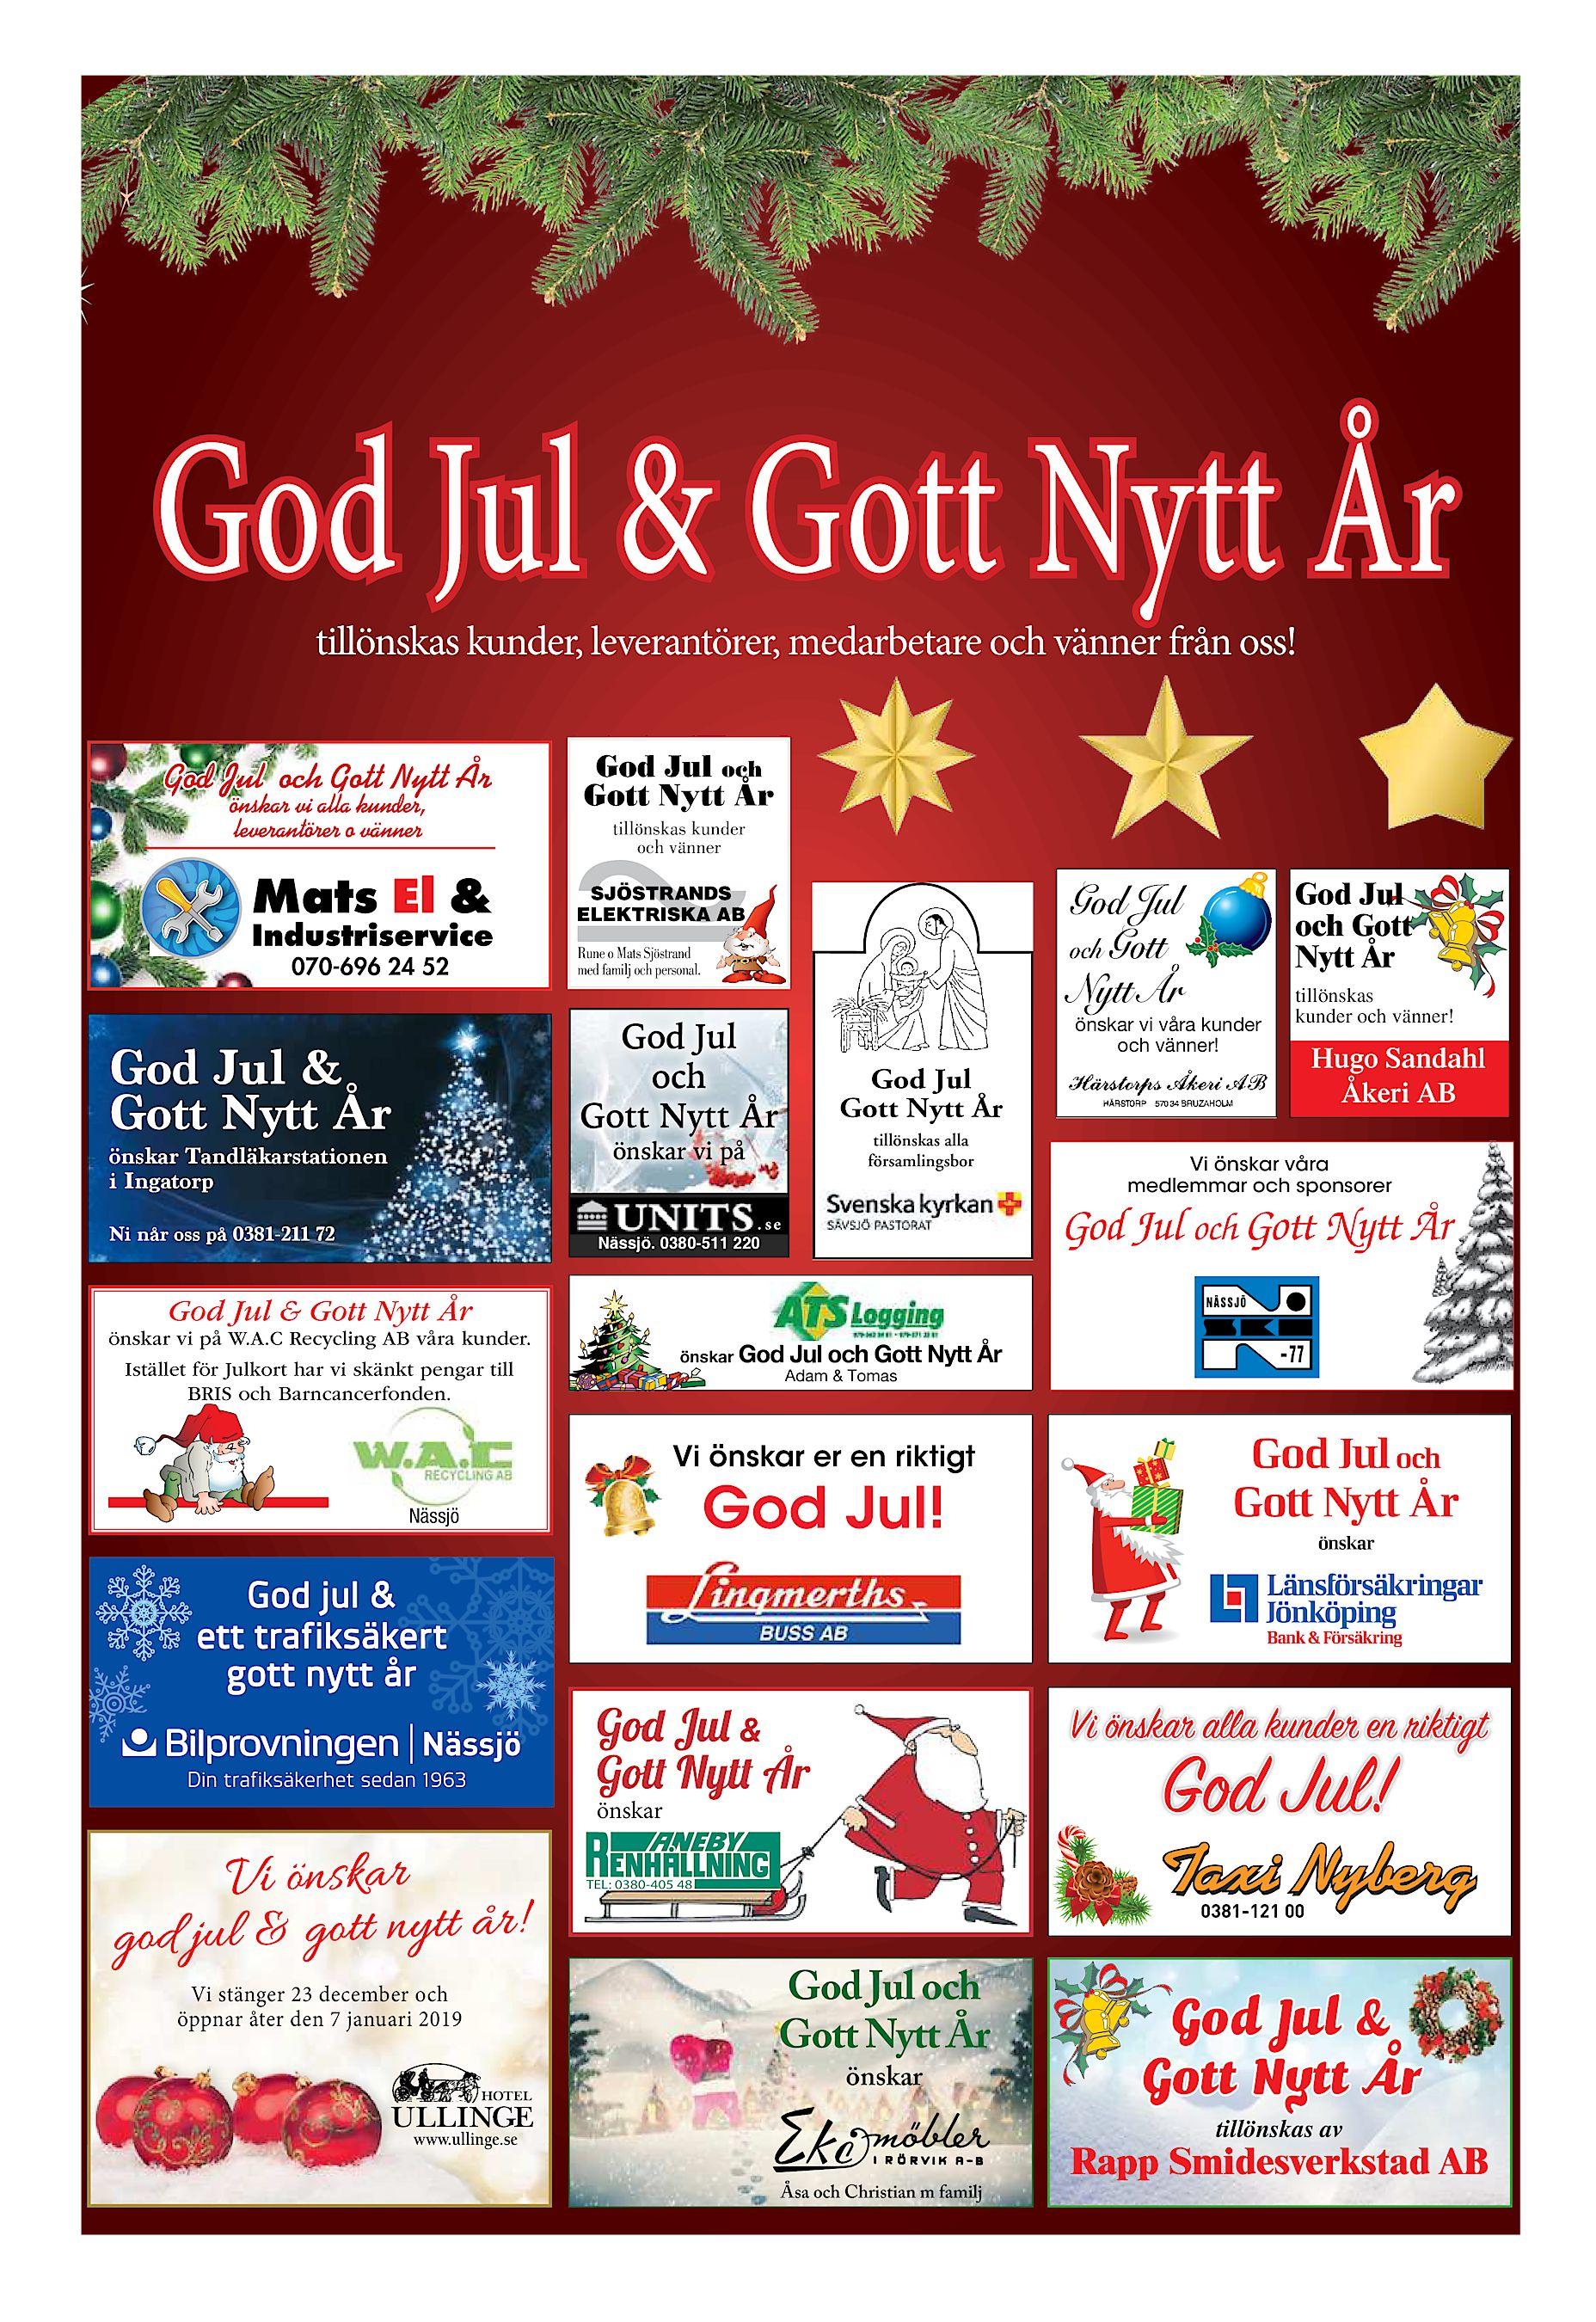 5286b49ae4f0 God Jul & Gott Nytt År tillönskas kunder, leverantörer, medarbetare och  vänner från oss! God Jul och Gott Nytt År önskar vi alla kunder,  leverantörer o ...